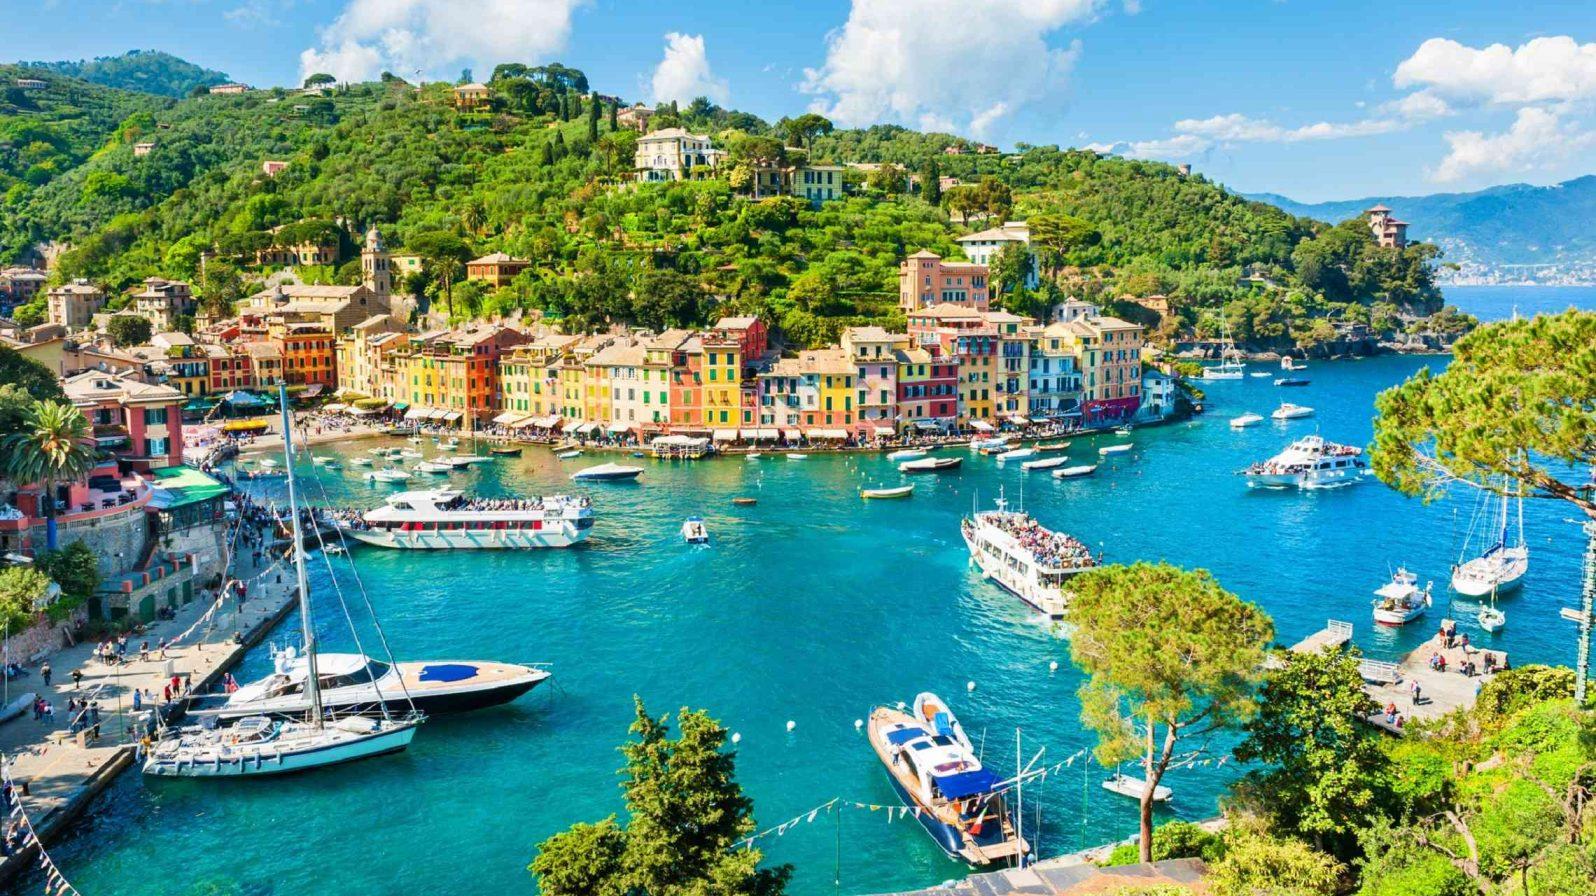 Portofino-Italia-1596x896.jpg